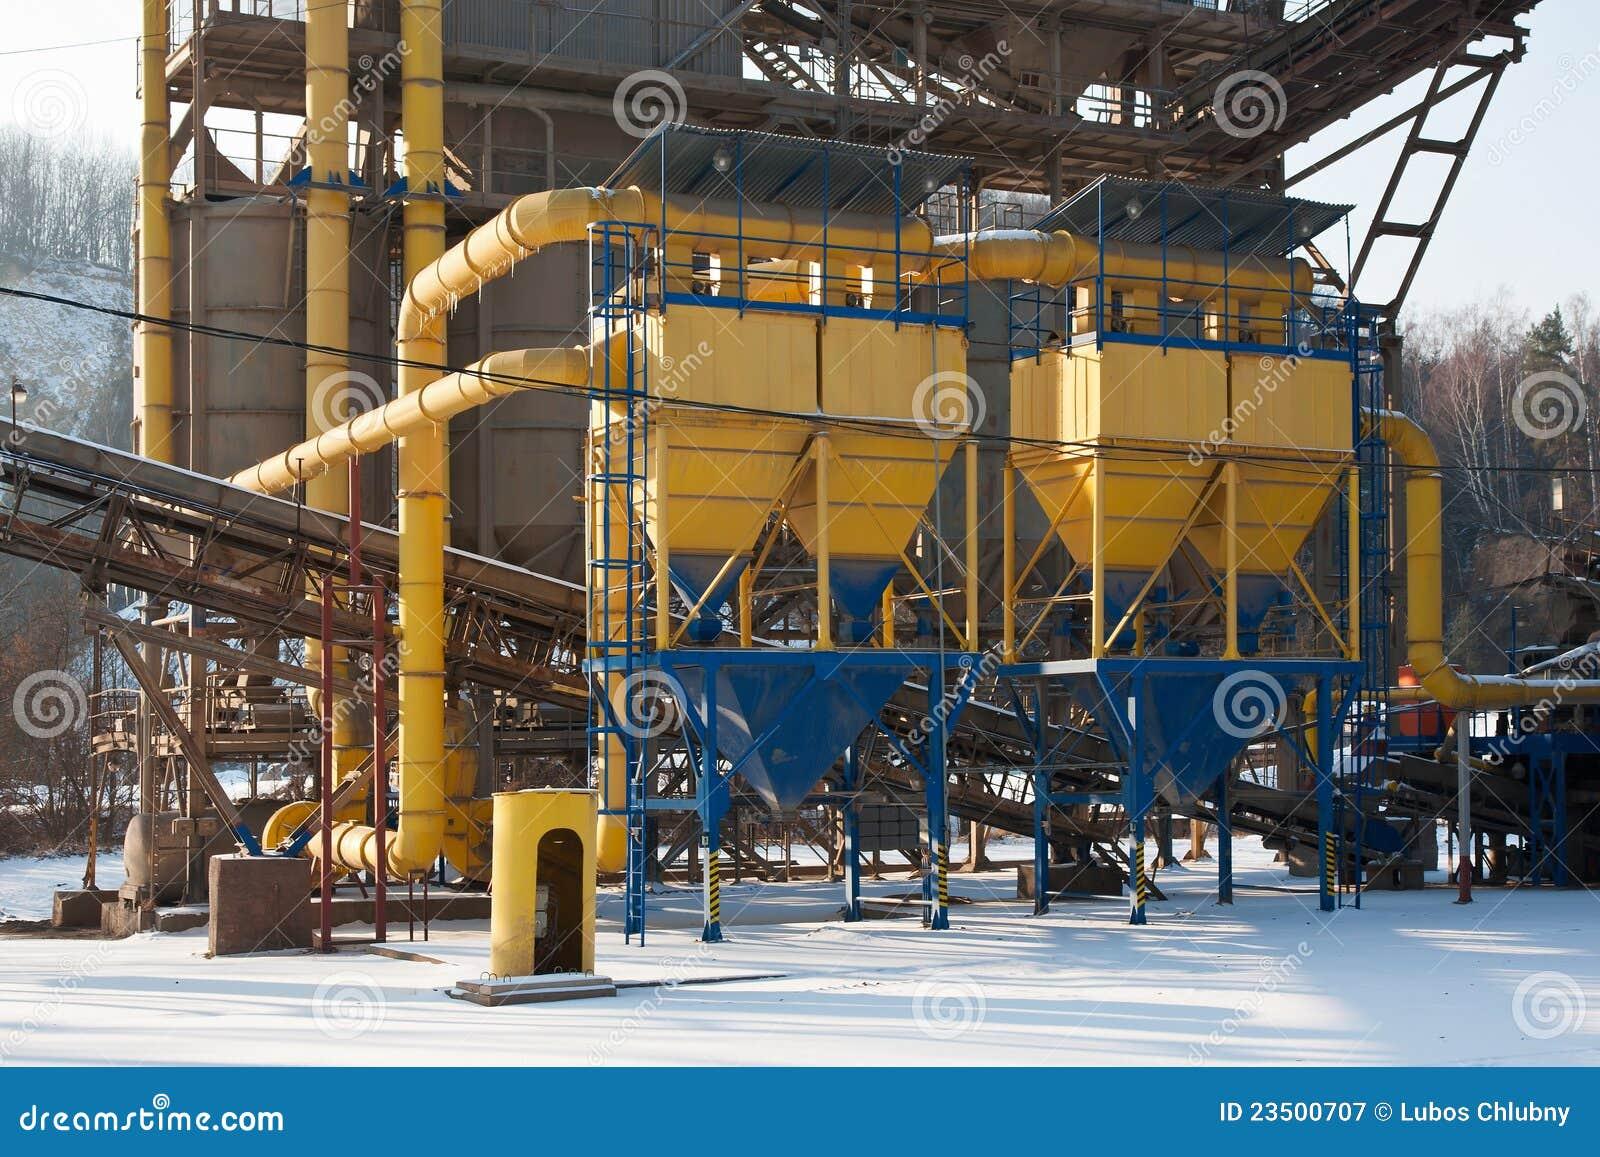 Carri re de gravier convoyeurs bande et silos - Prix gravier carriere ...